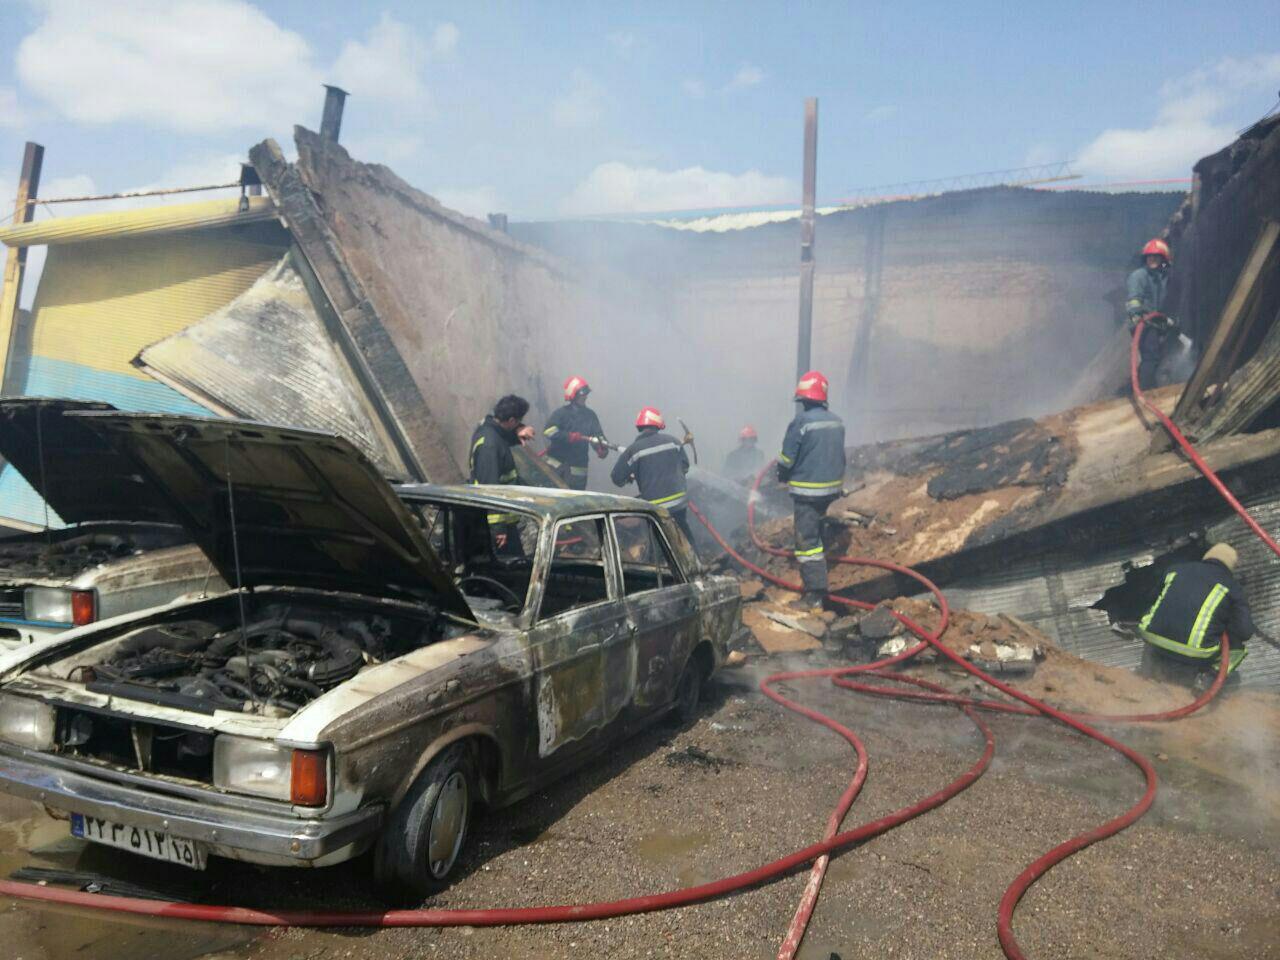 4 مصدوم در انفجار کپسول گاز در مغازه پیک نیک پرکنی در تبریز